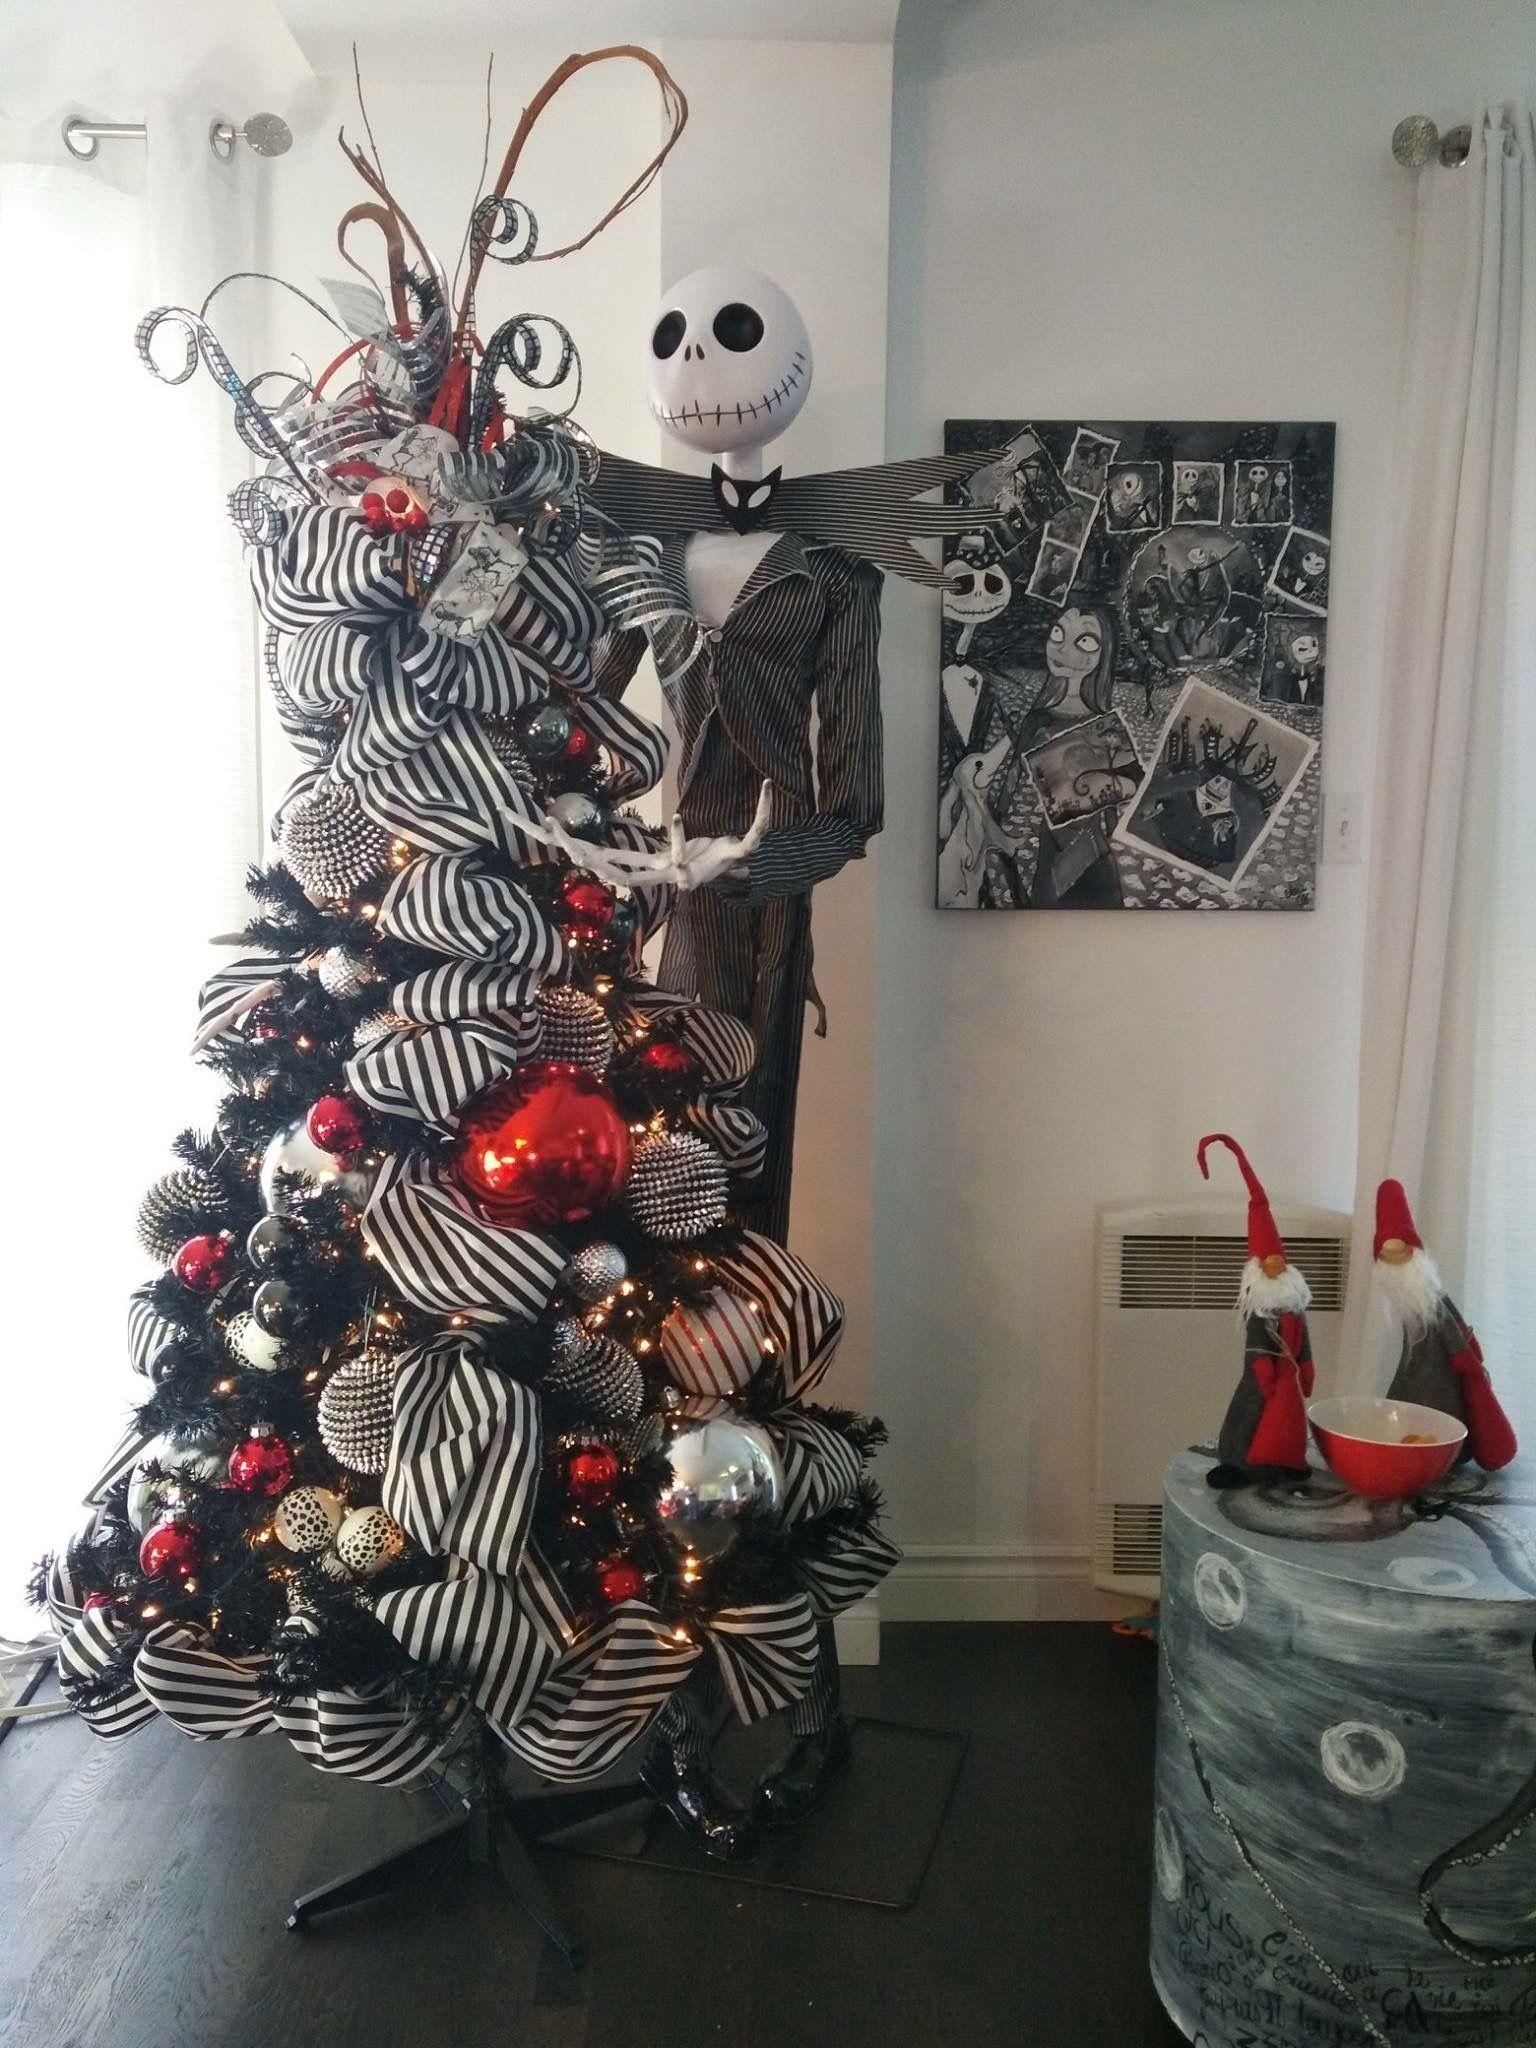 Pin By Jaimee On Nightmare Before Christmas Diy Nightmare Before